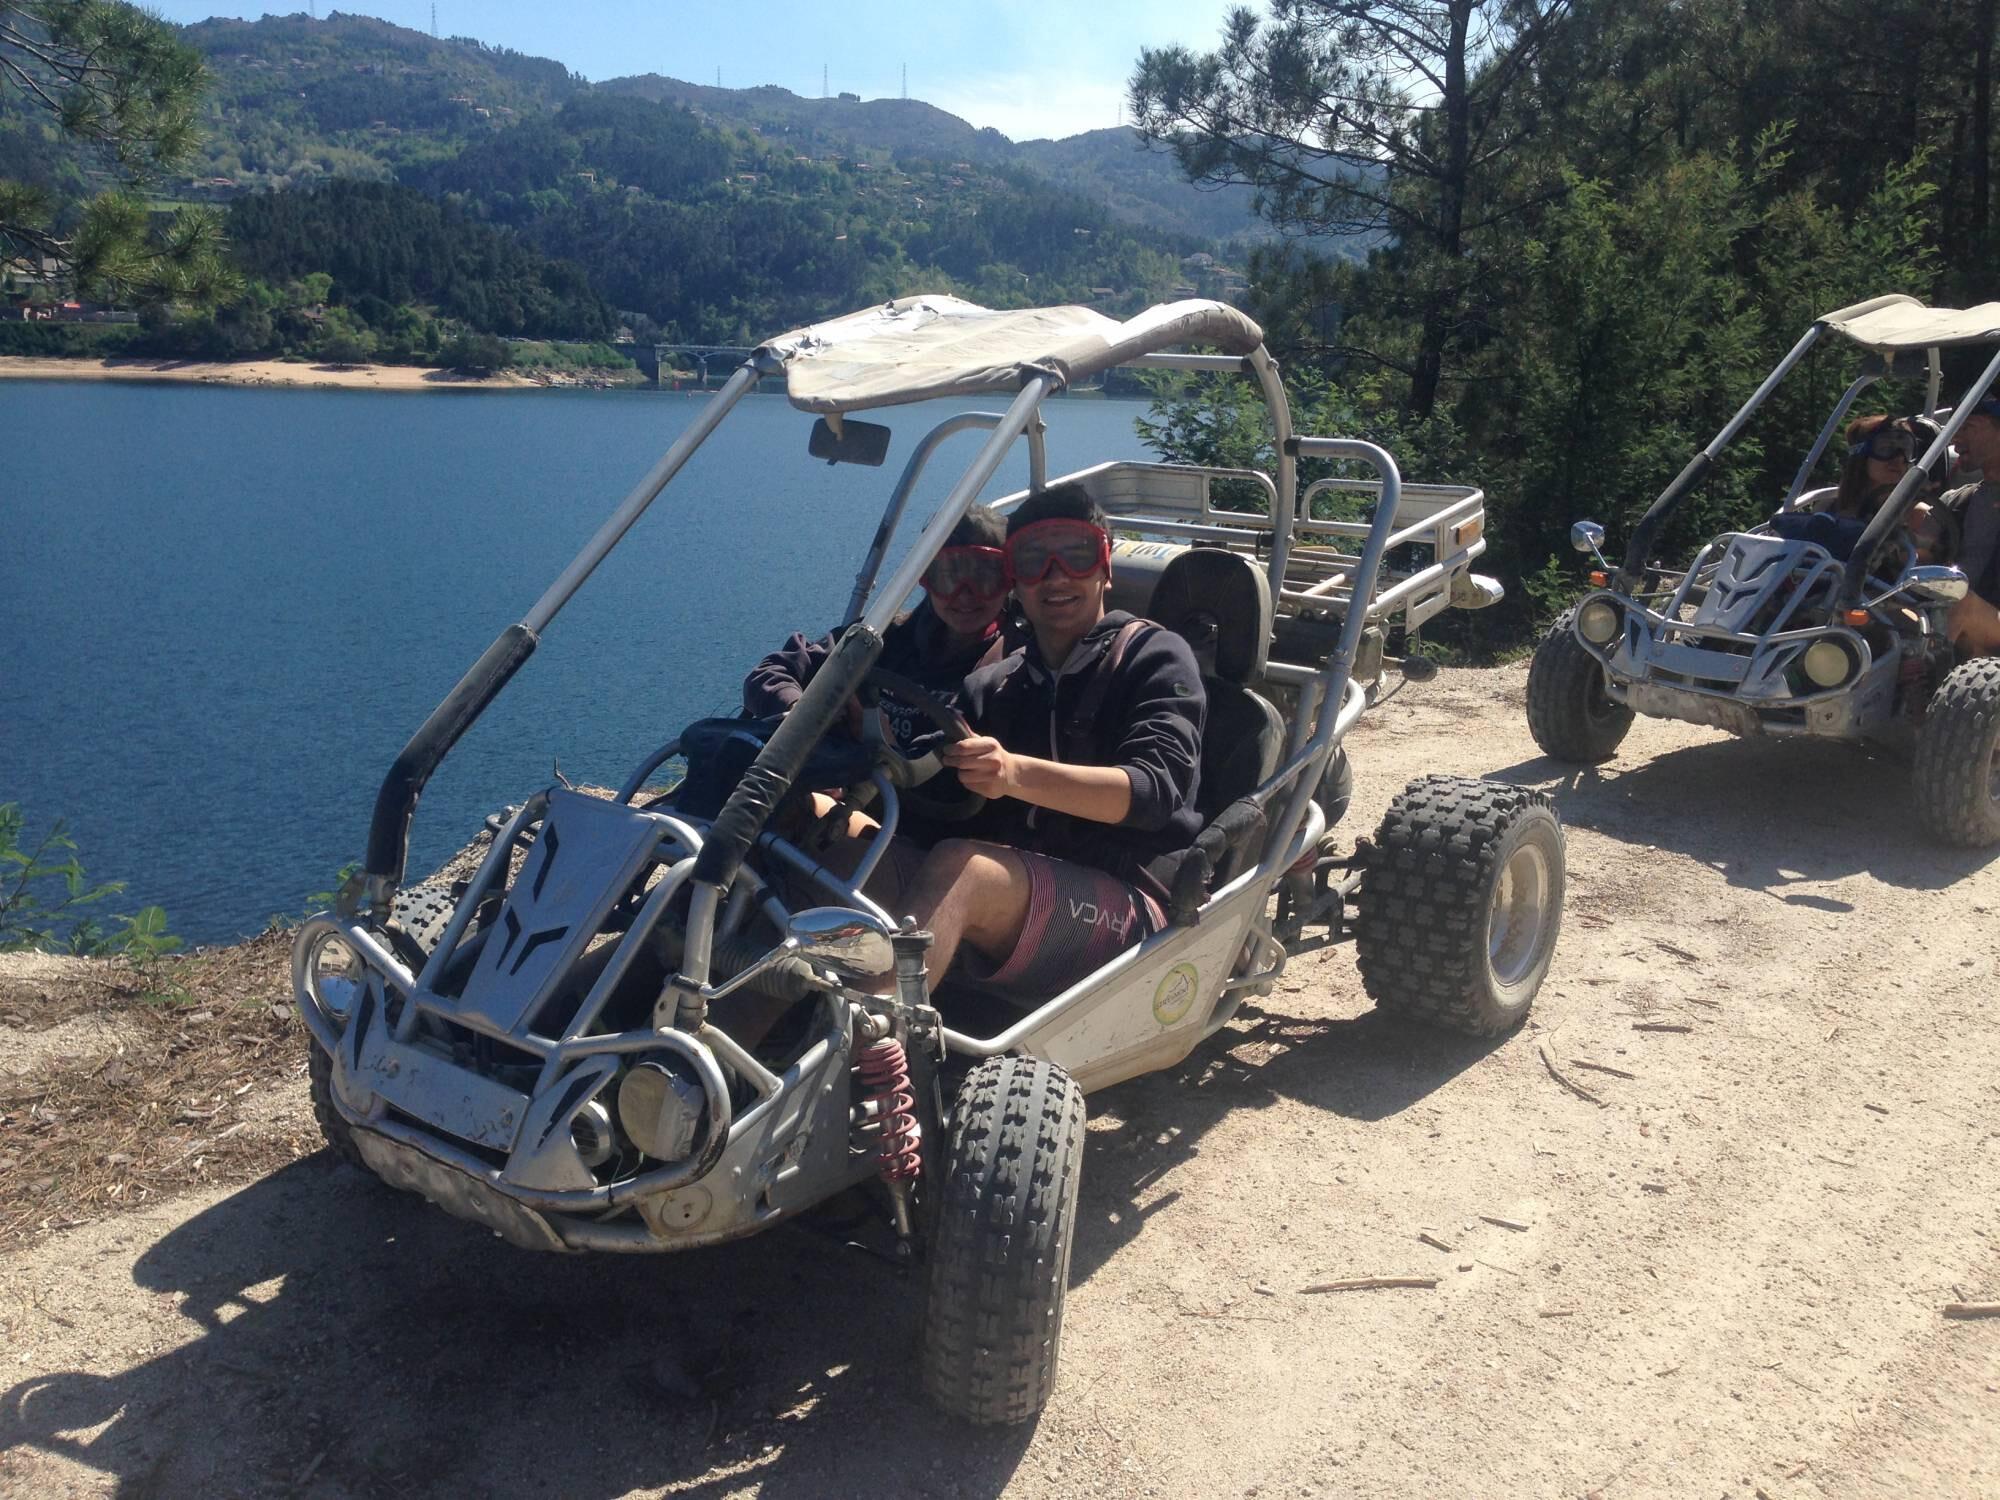 Kartcross-atividades-radicais-para-fazer-no-gerês